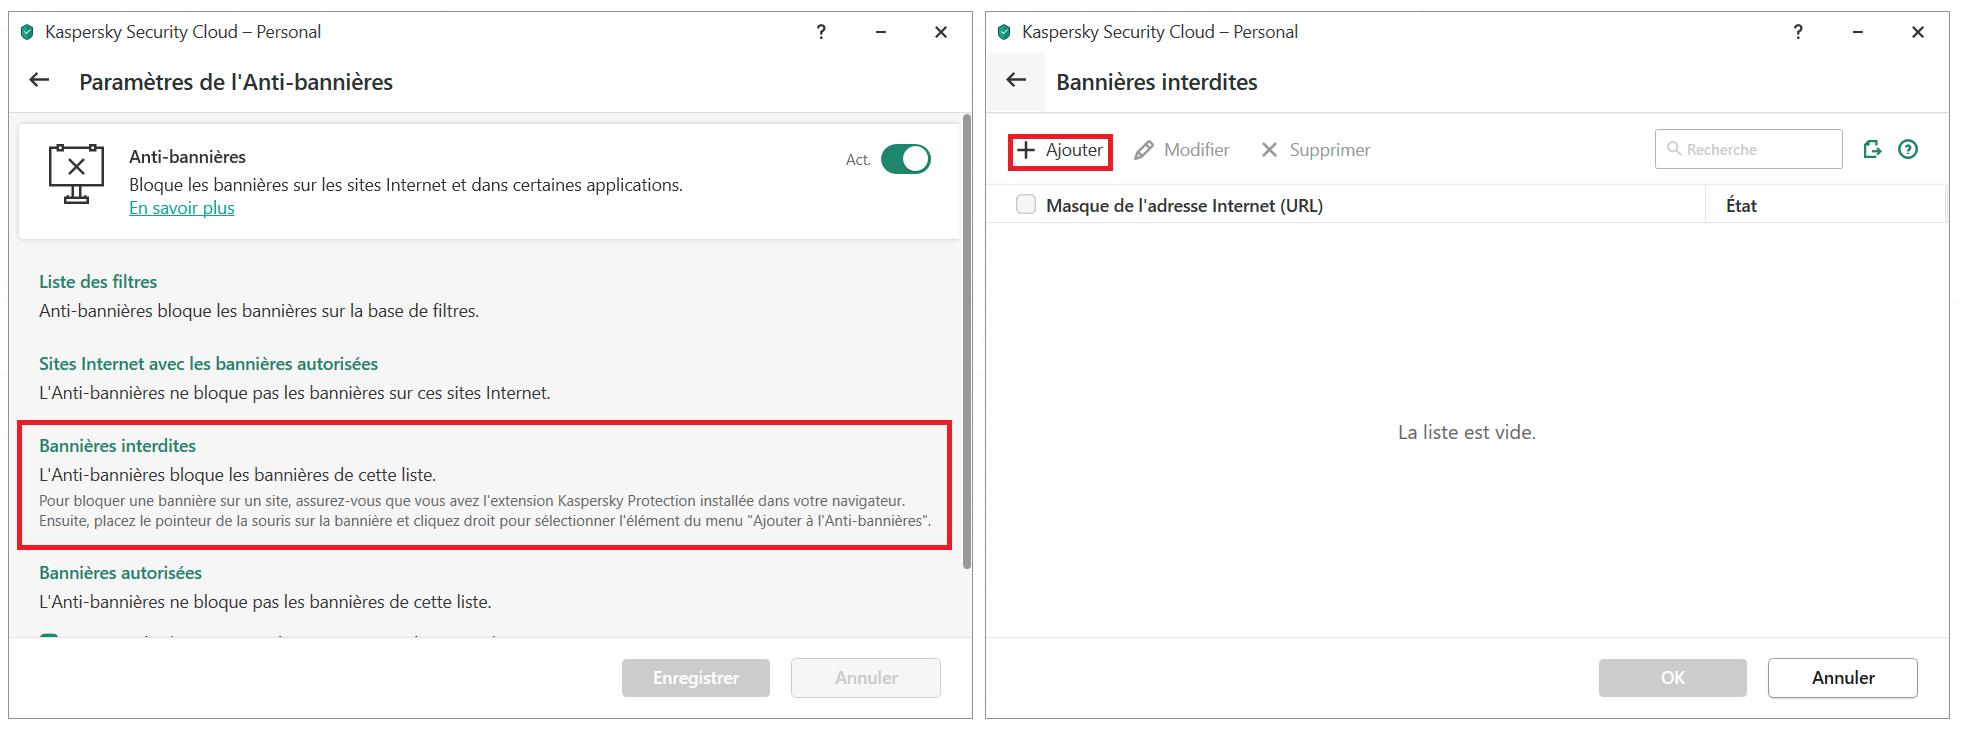 Comment ajouter une bannière à la liste des bannières interdites dans Kaspersky Security Cloud